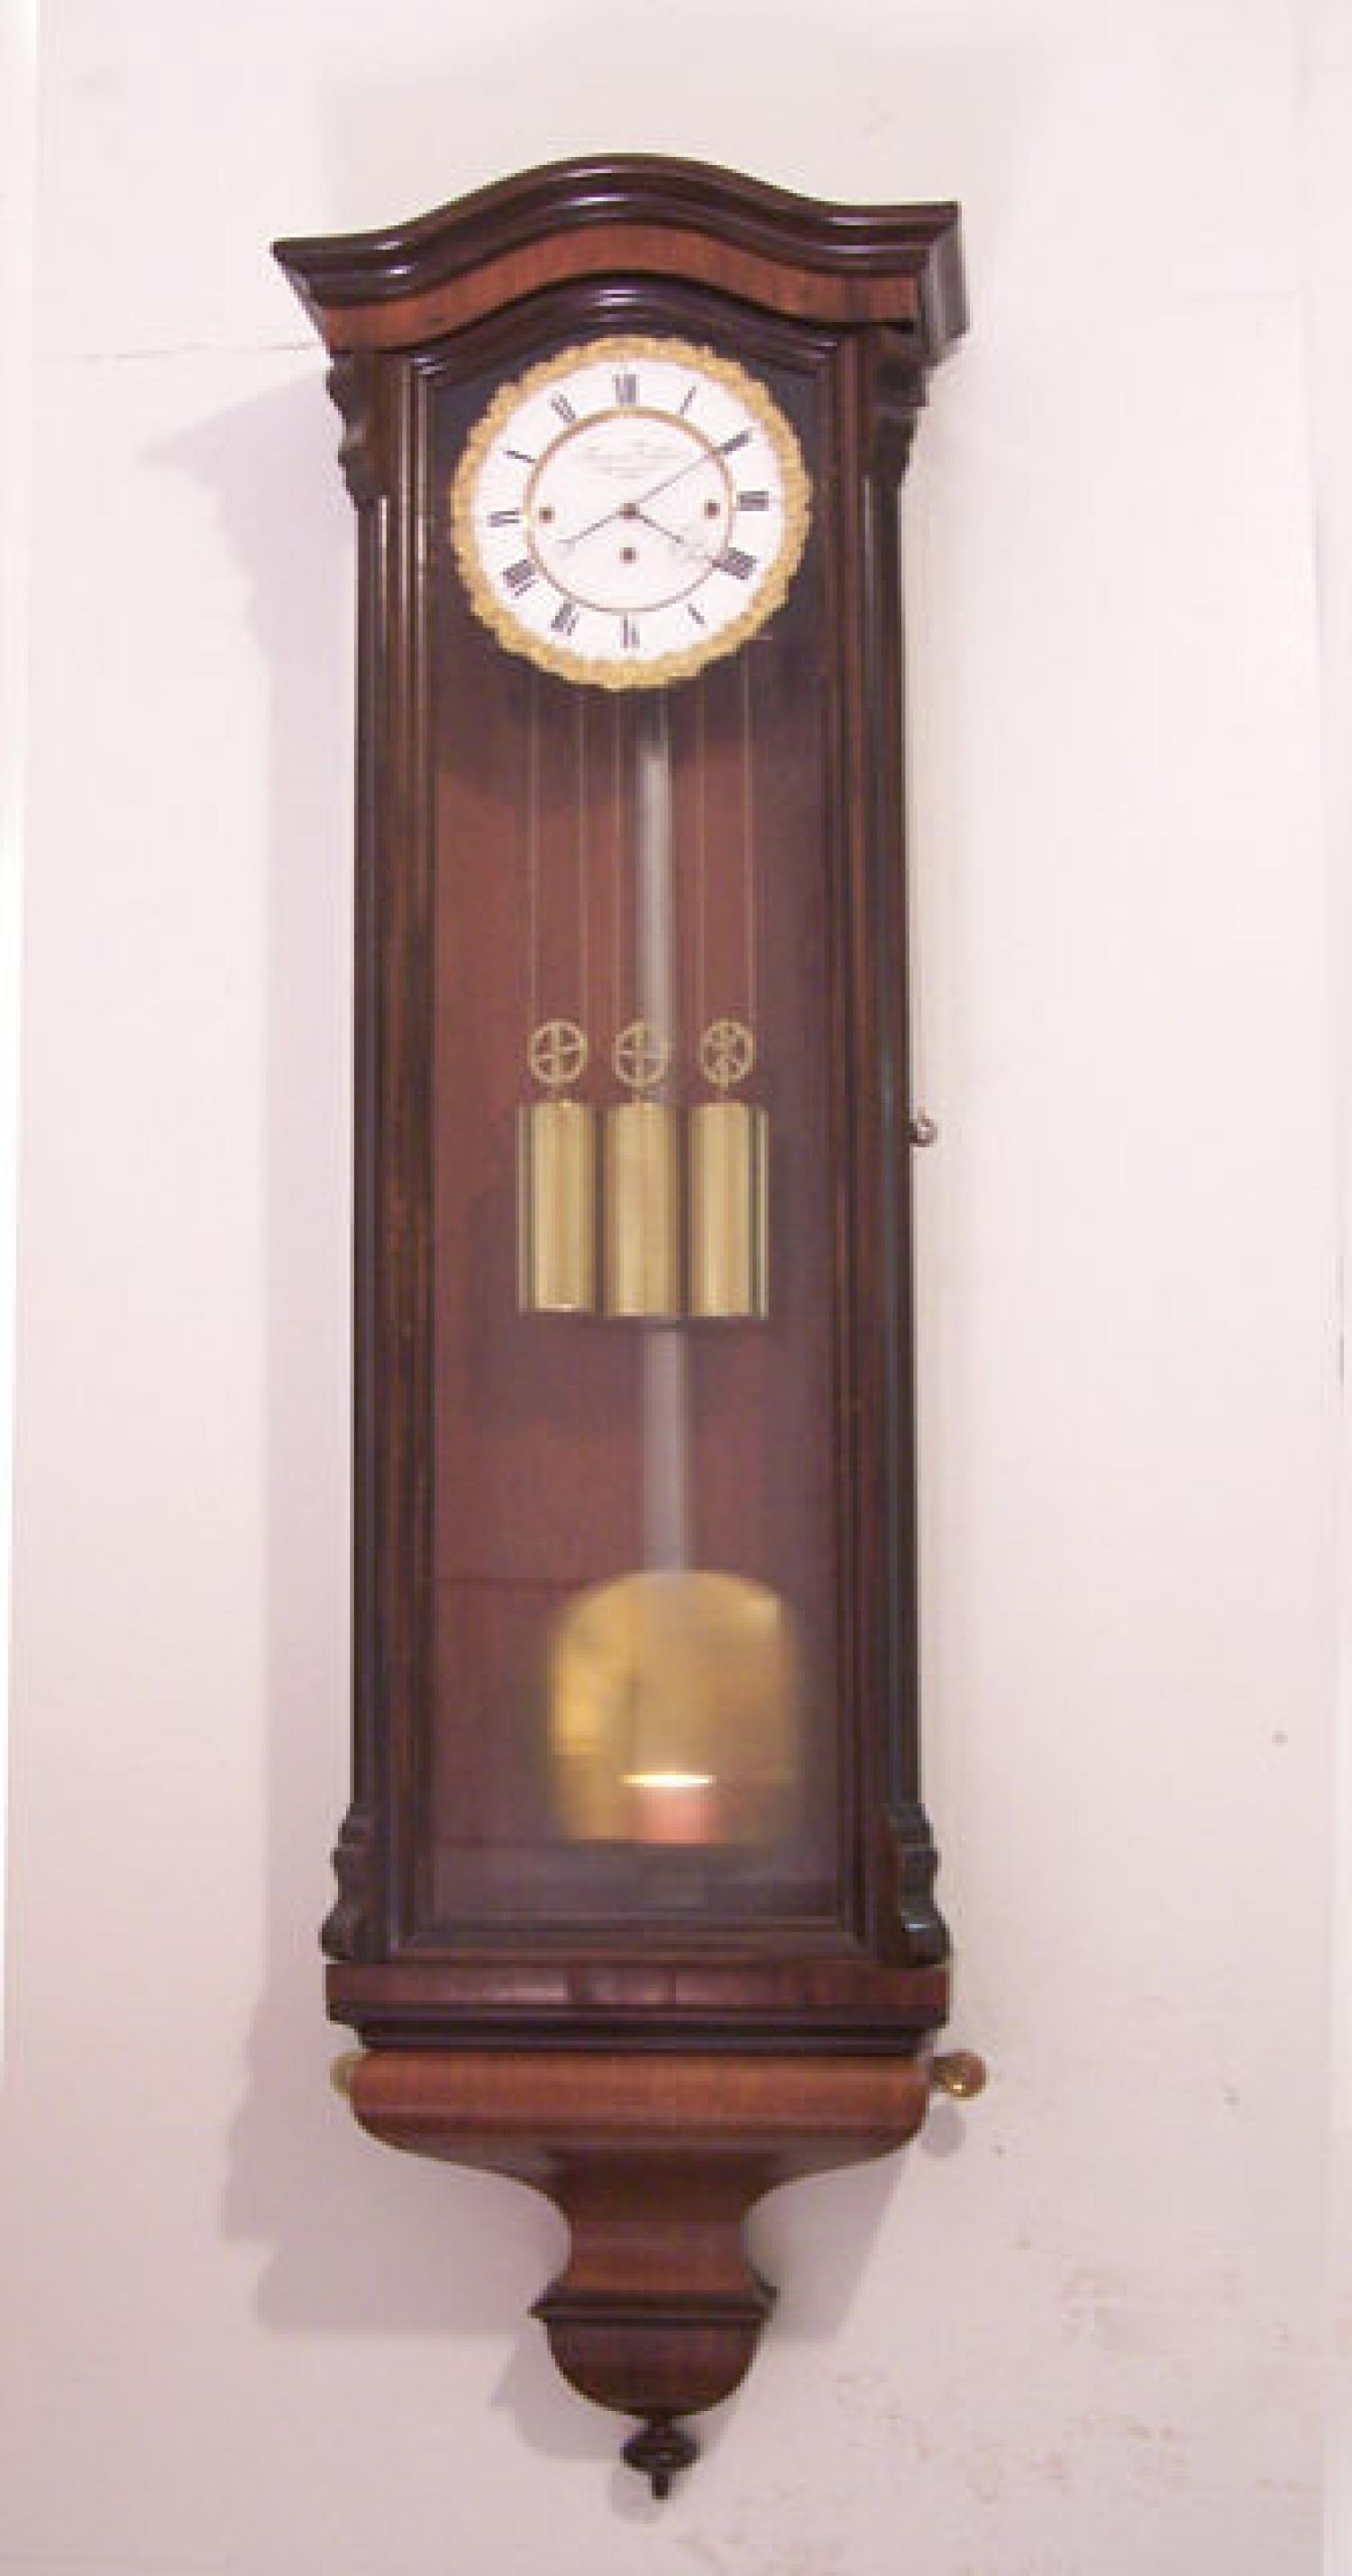 Fredrick Turban Vienna Wall Clock c1855